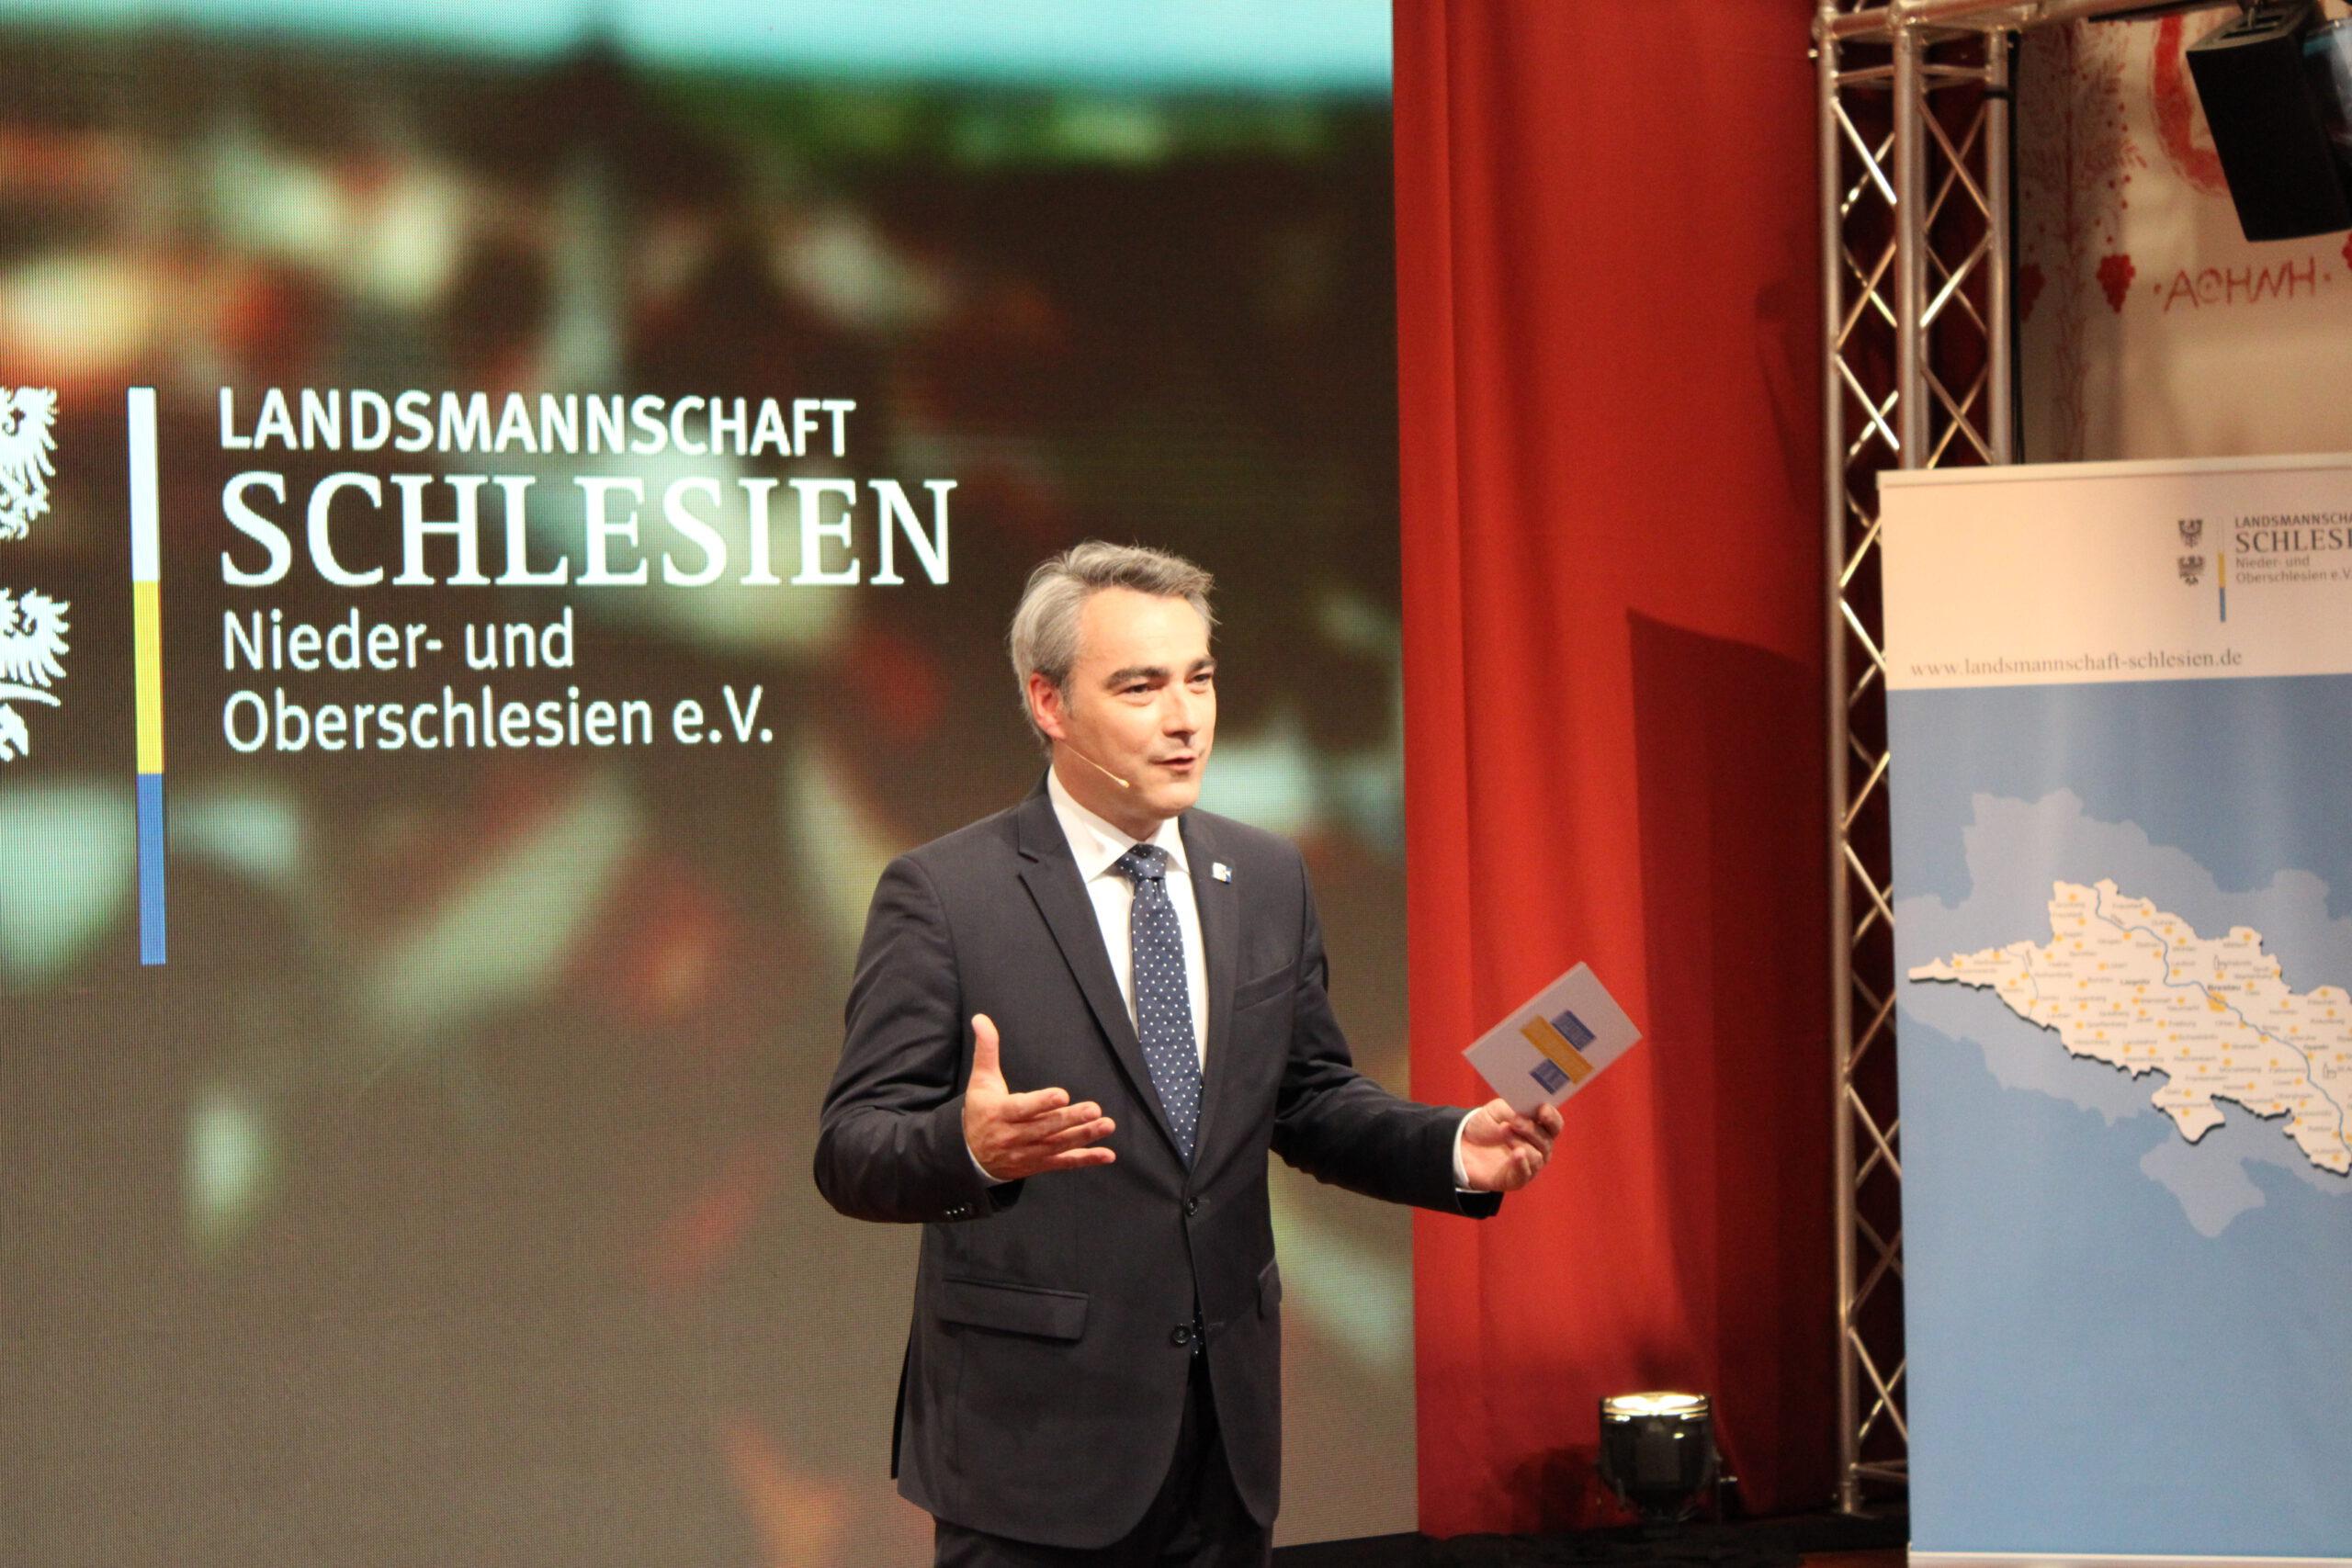 Professionell, kurzweilig und erfolgreich: Ein Rückblick auf das erste digitale Deutschlandtreffen